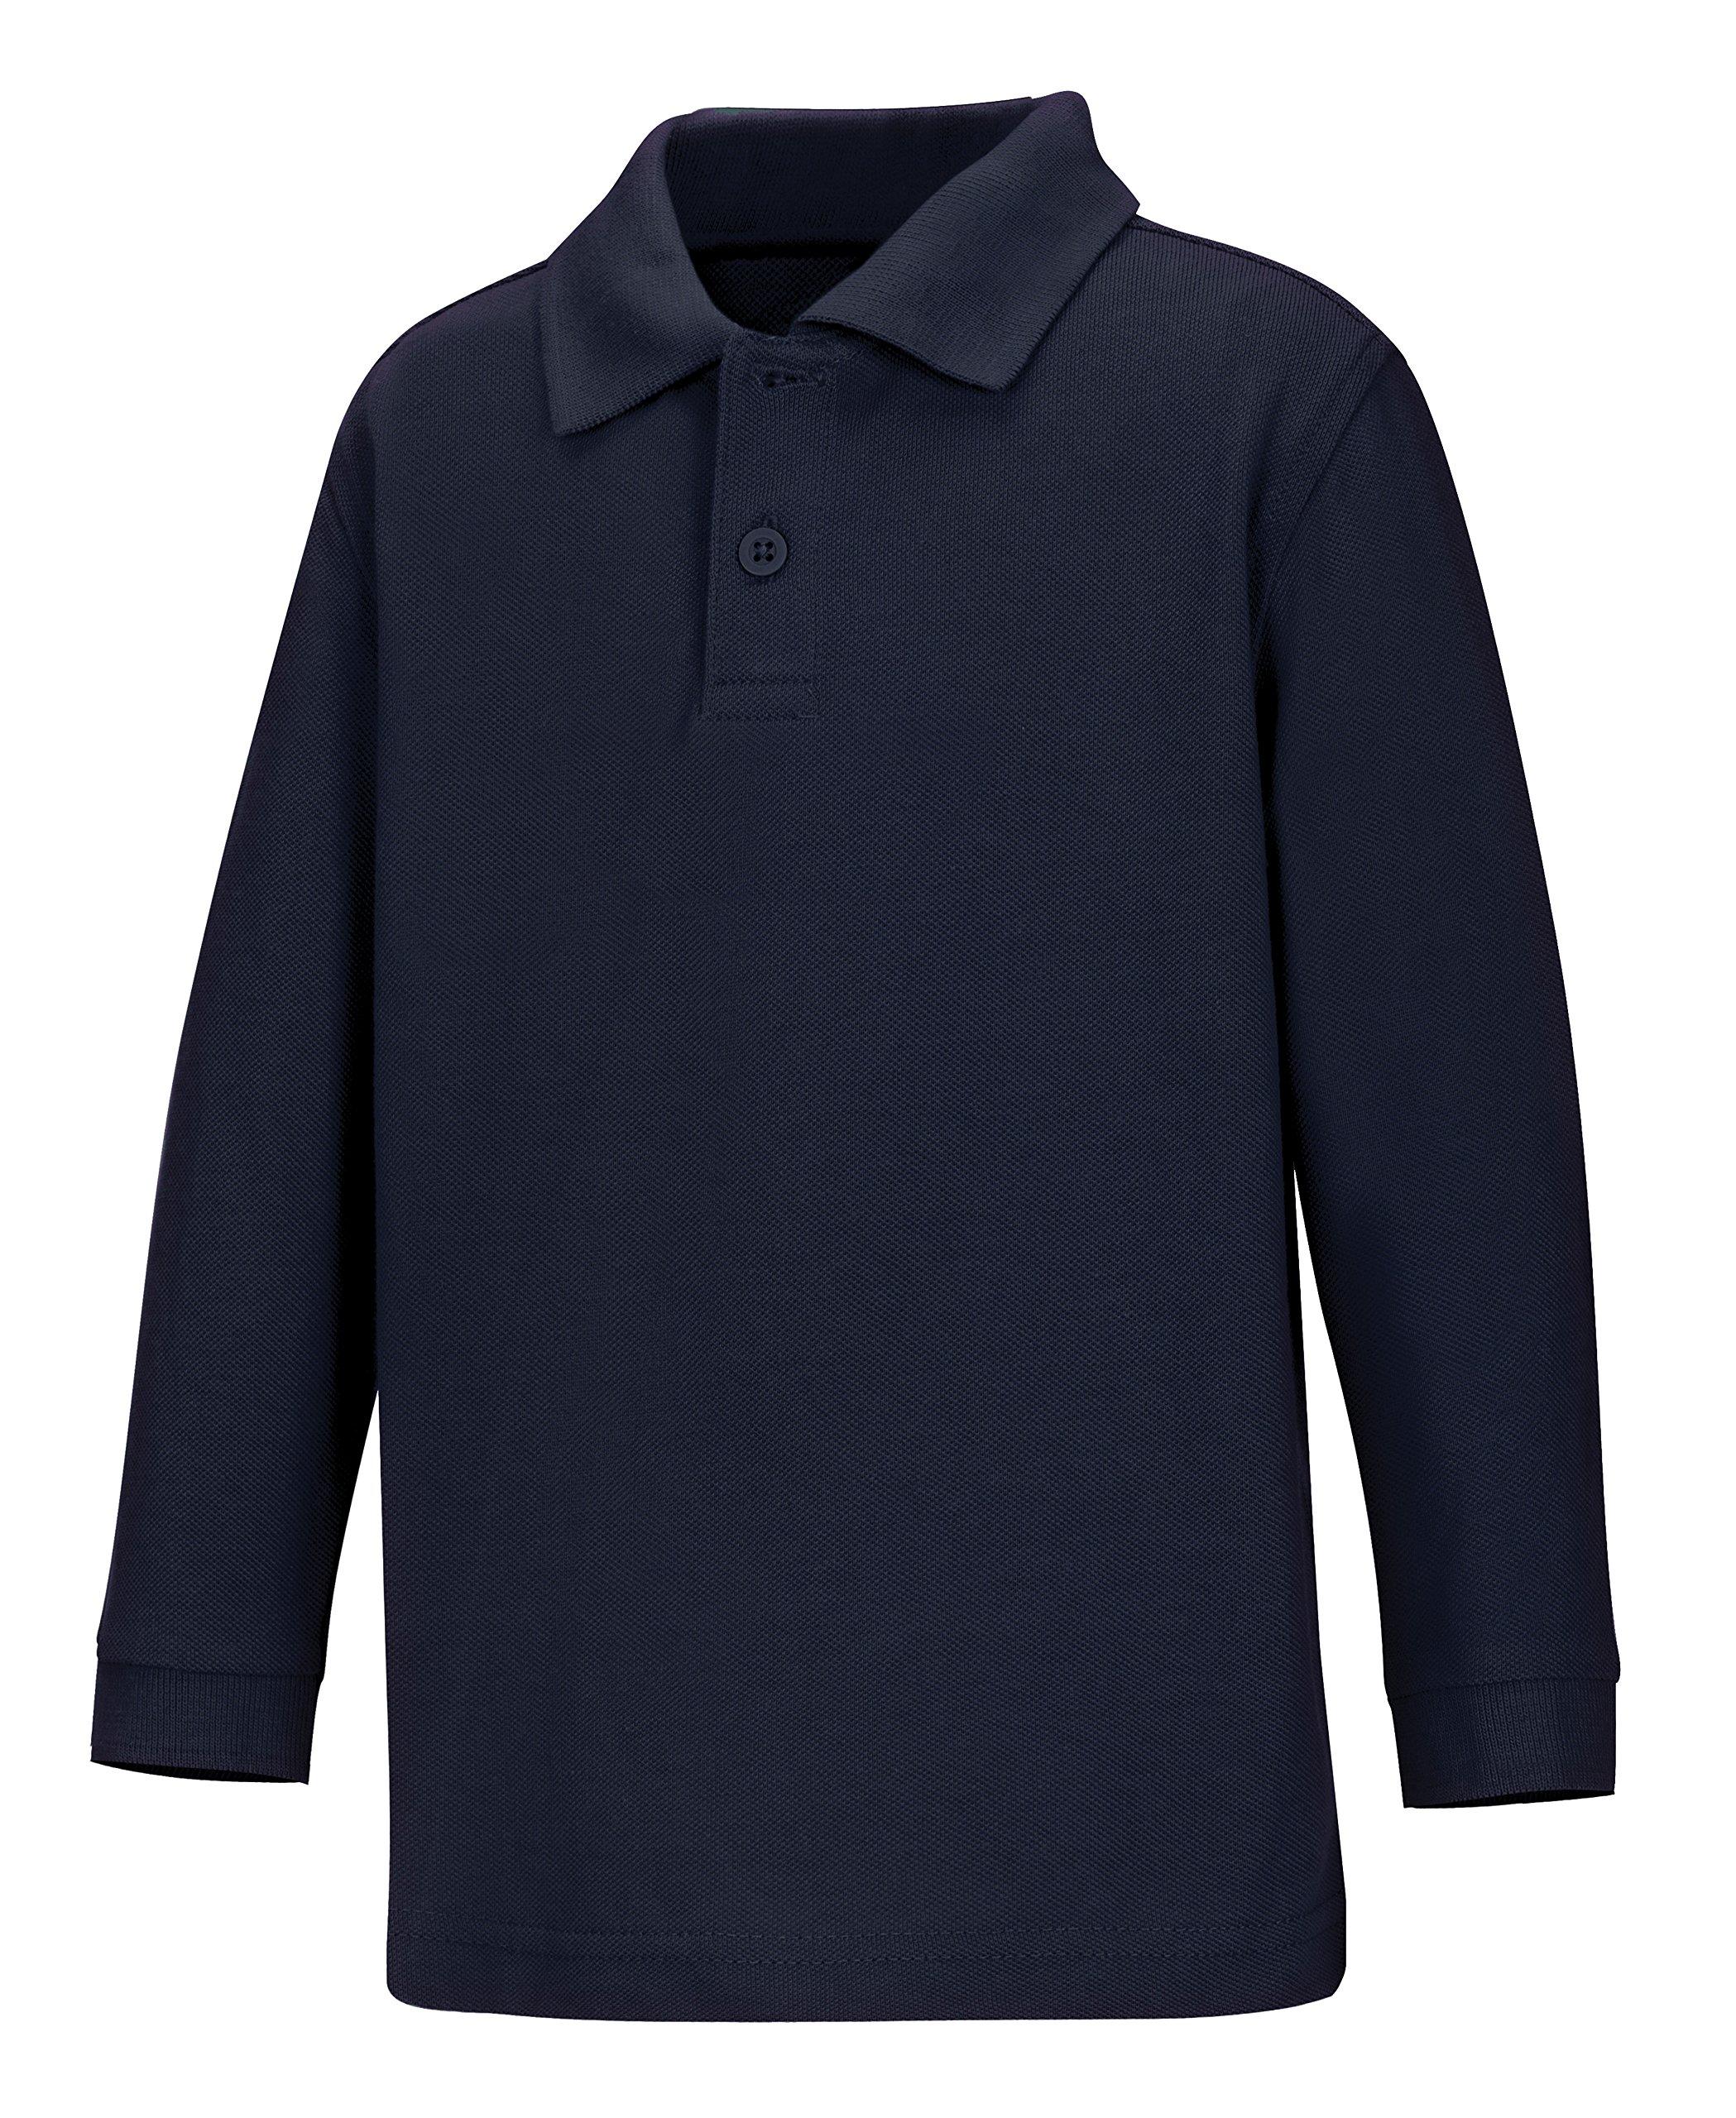 CLASSROOM Little Boys' Toddler Uniform Long Sleeve Pique Polo, Navy Blue, 3T